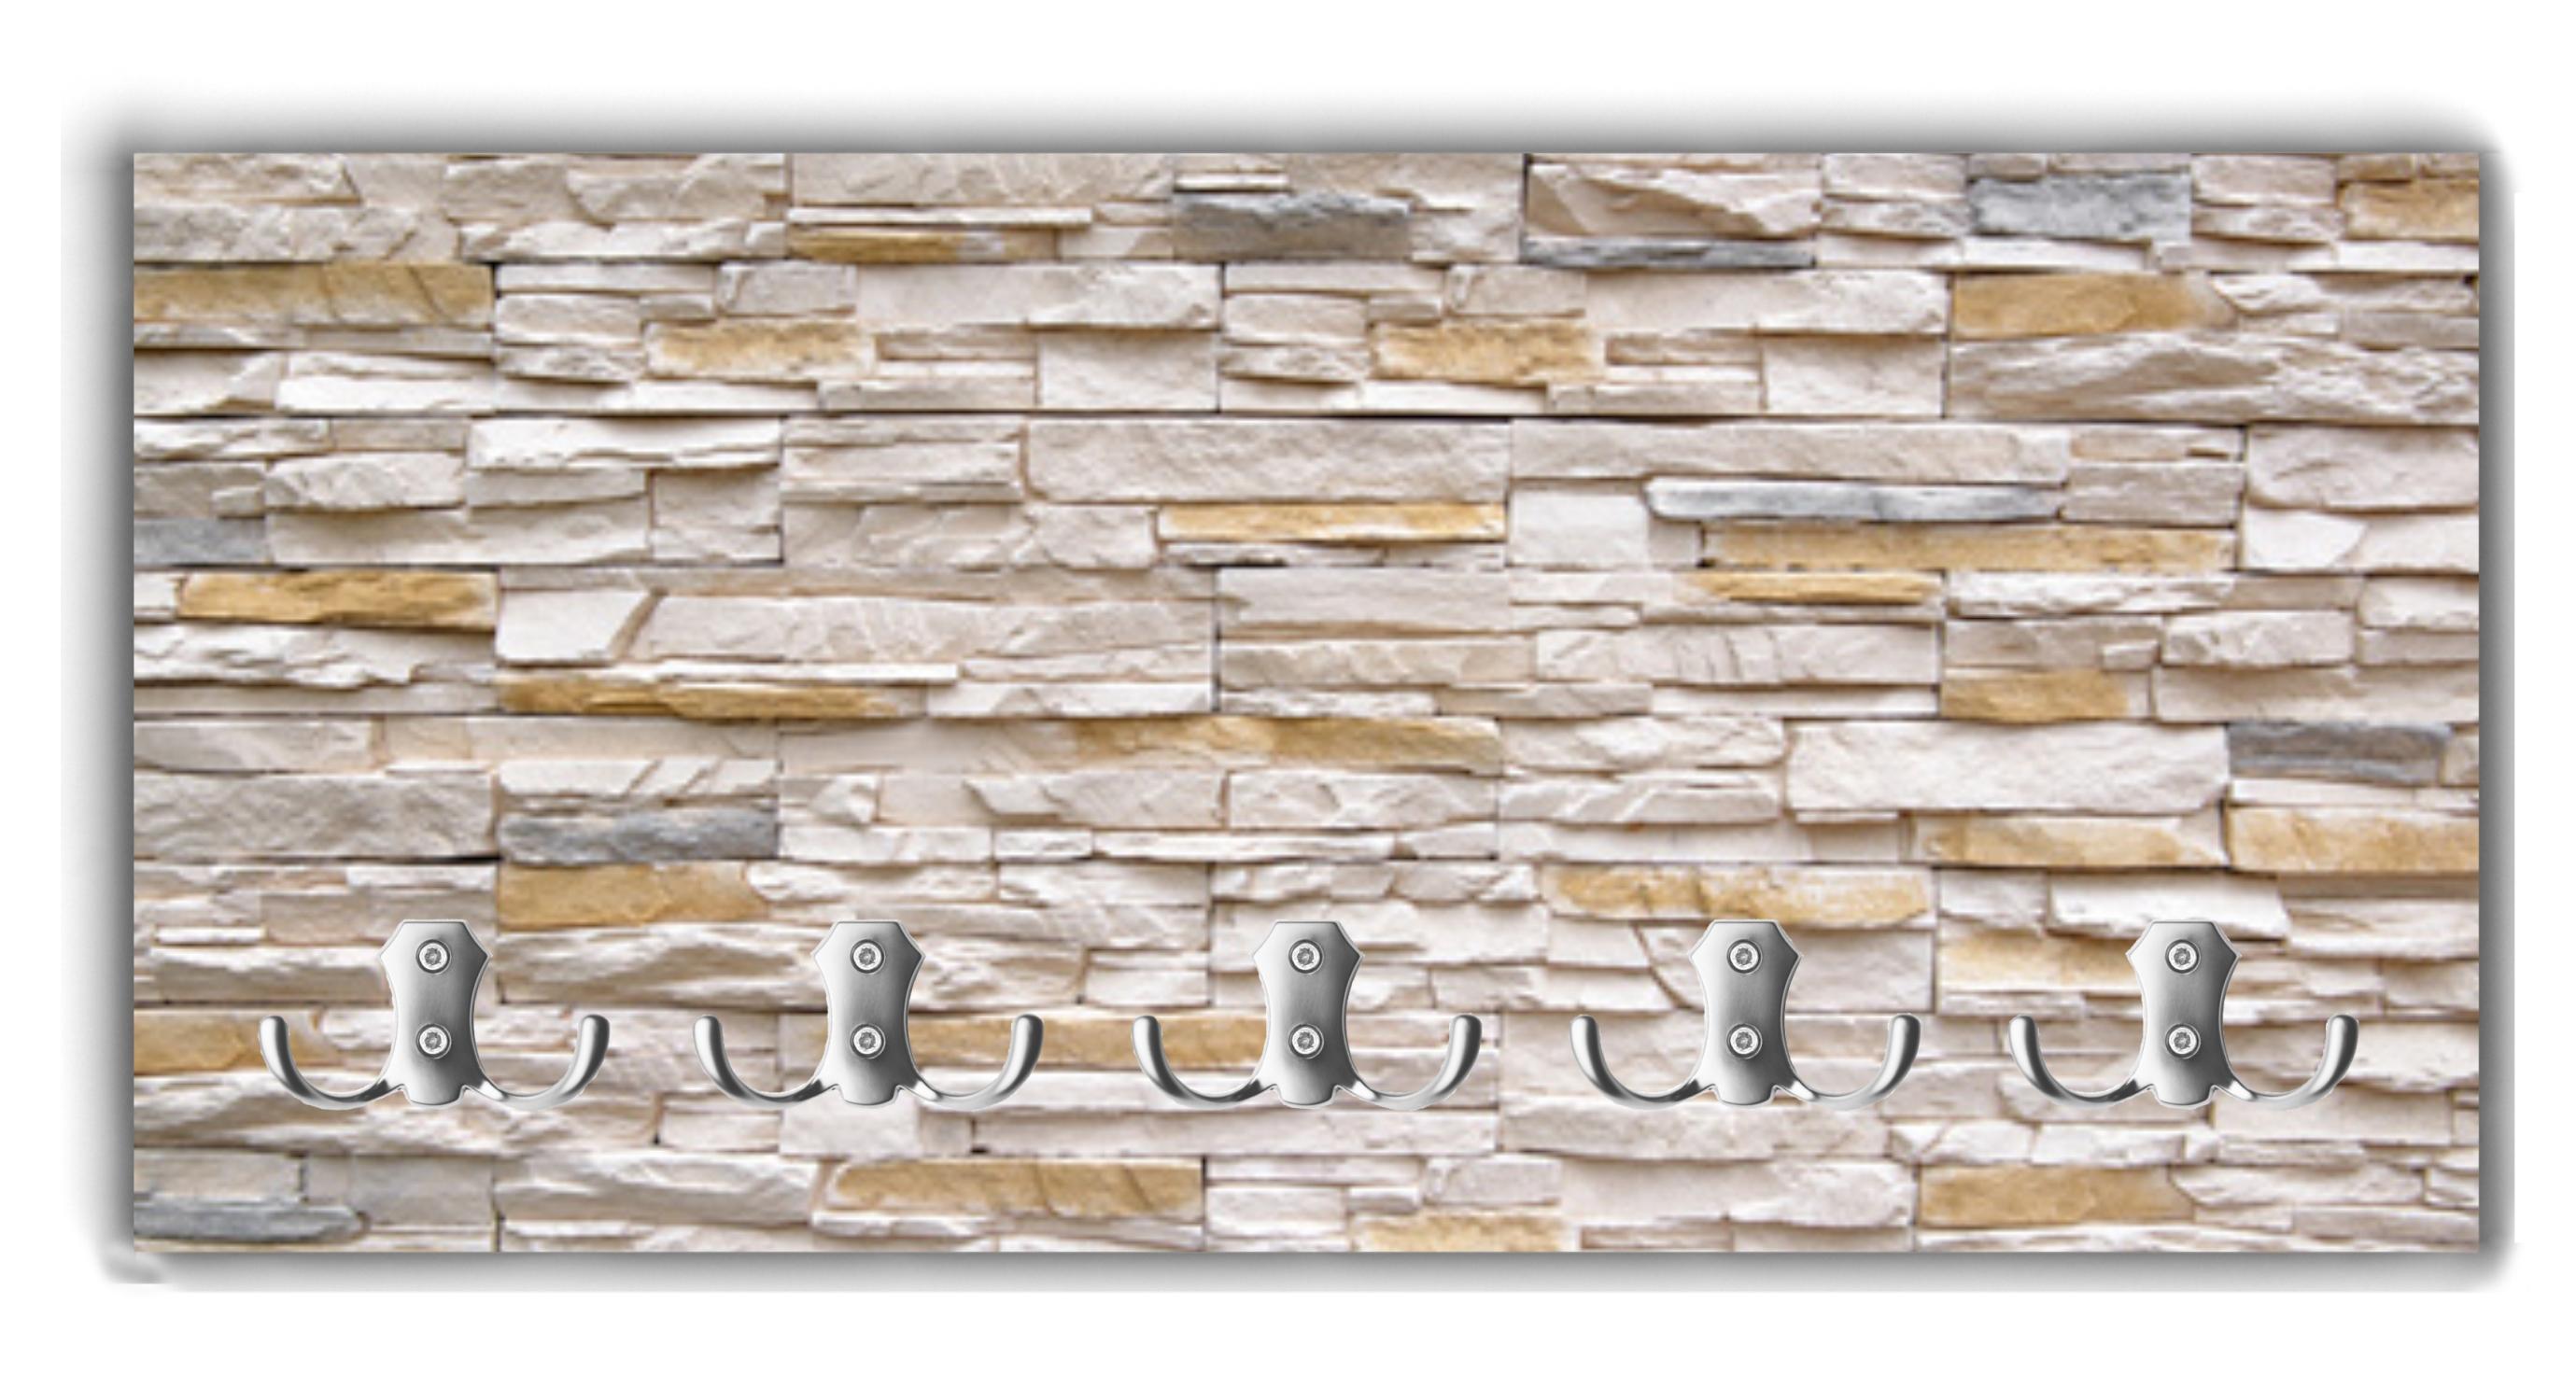 Holzgarderobe - Kuchenruckwand steinoptik ...